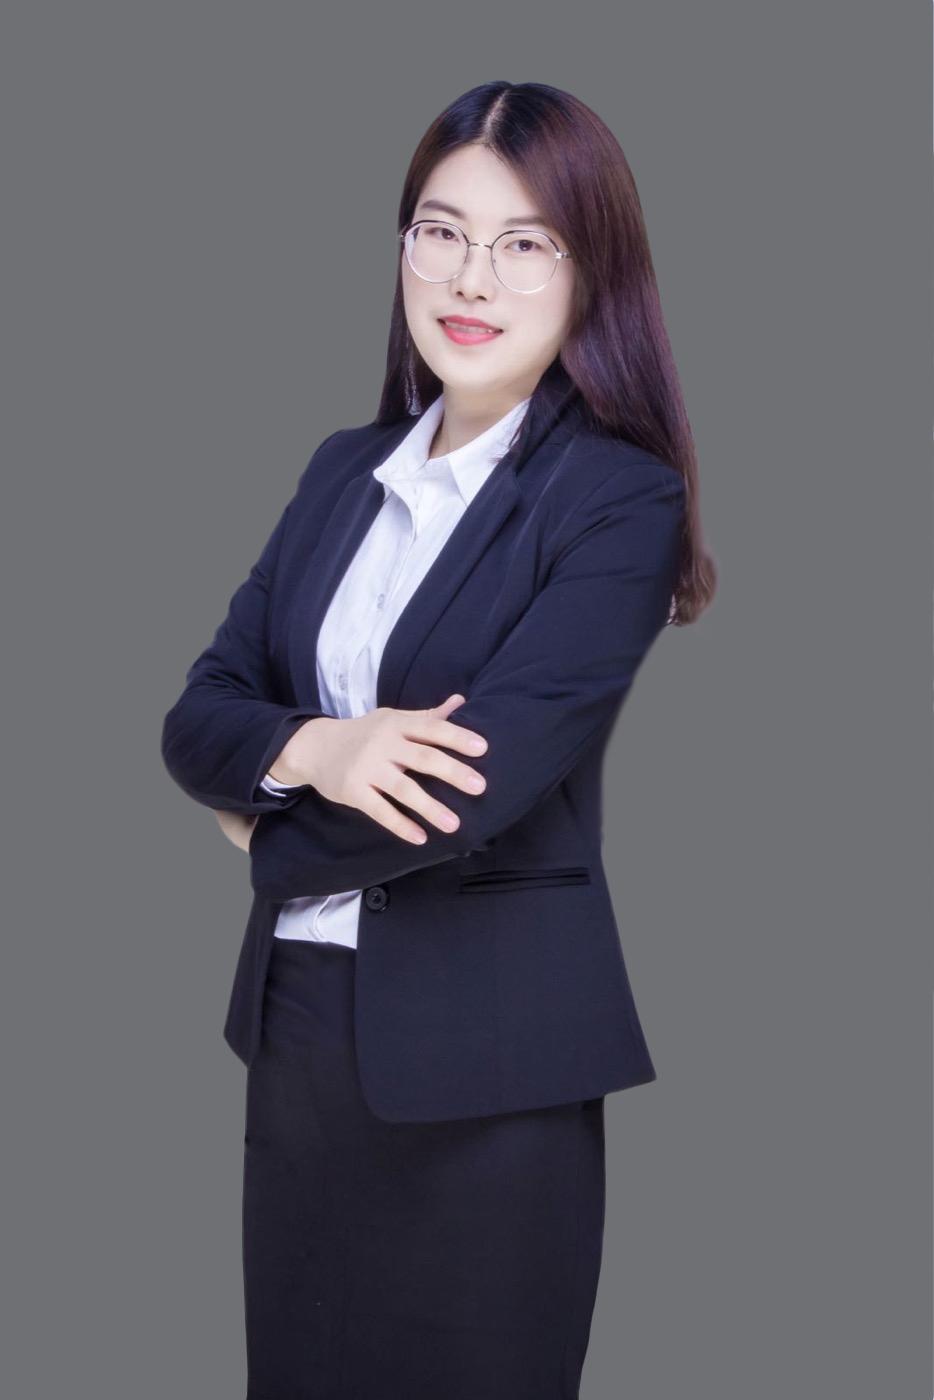 Ivy Yang